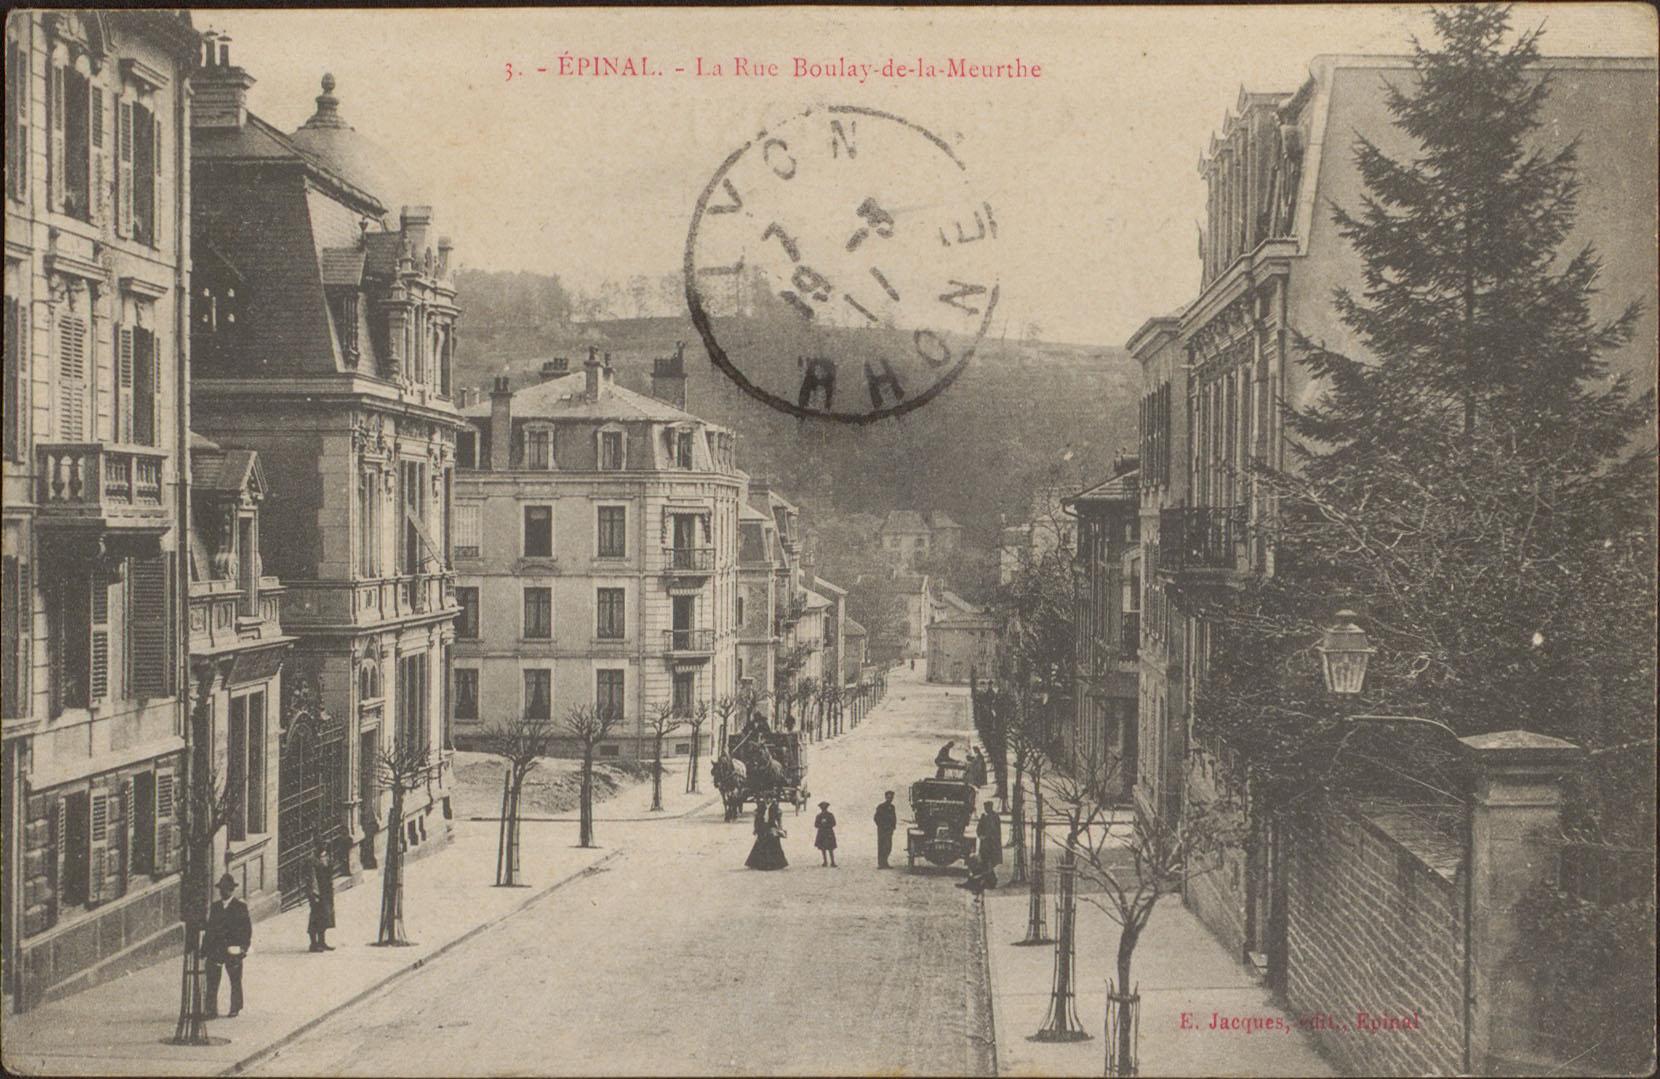 Contenu du Épinal, La Rue Boulay-de-la-Meurthe